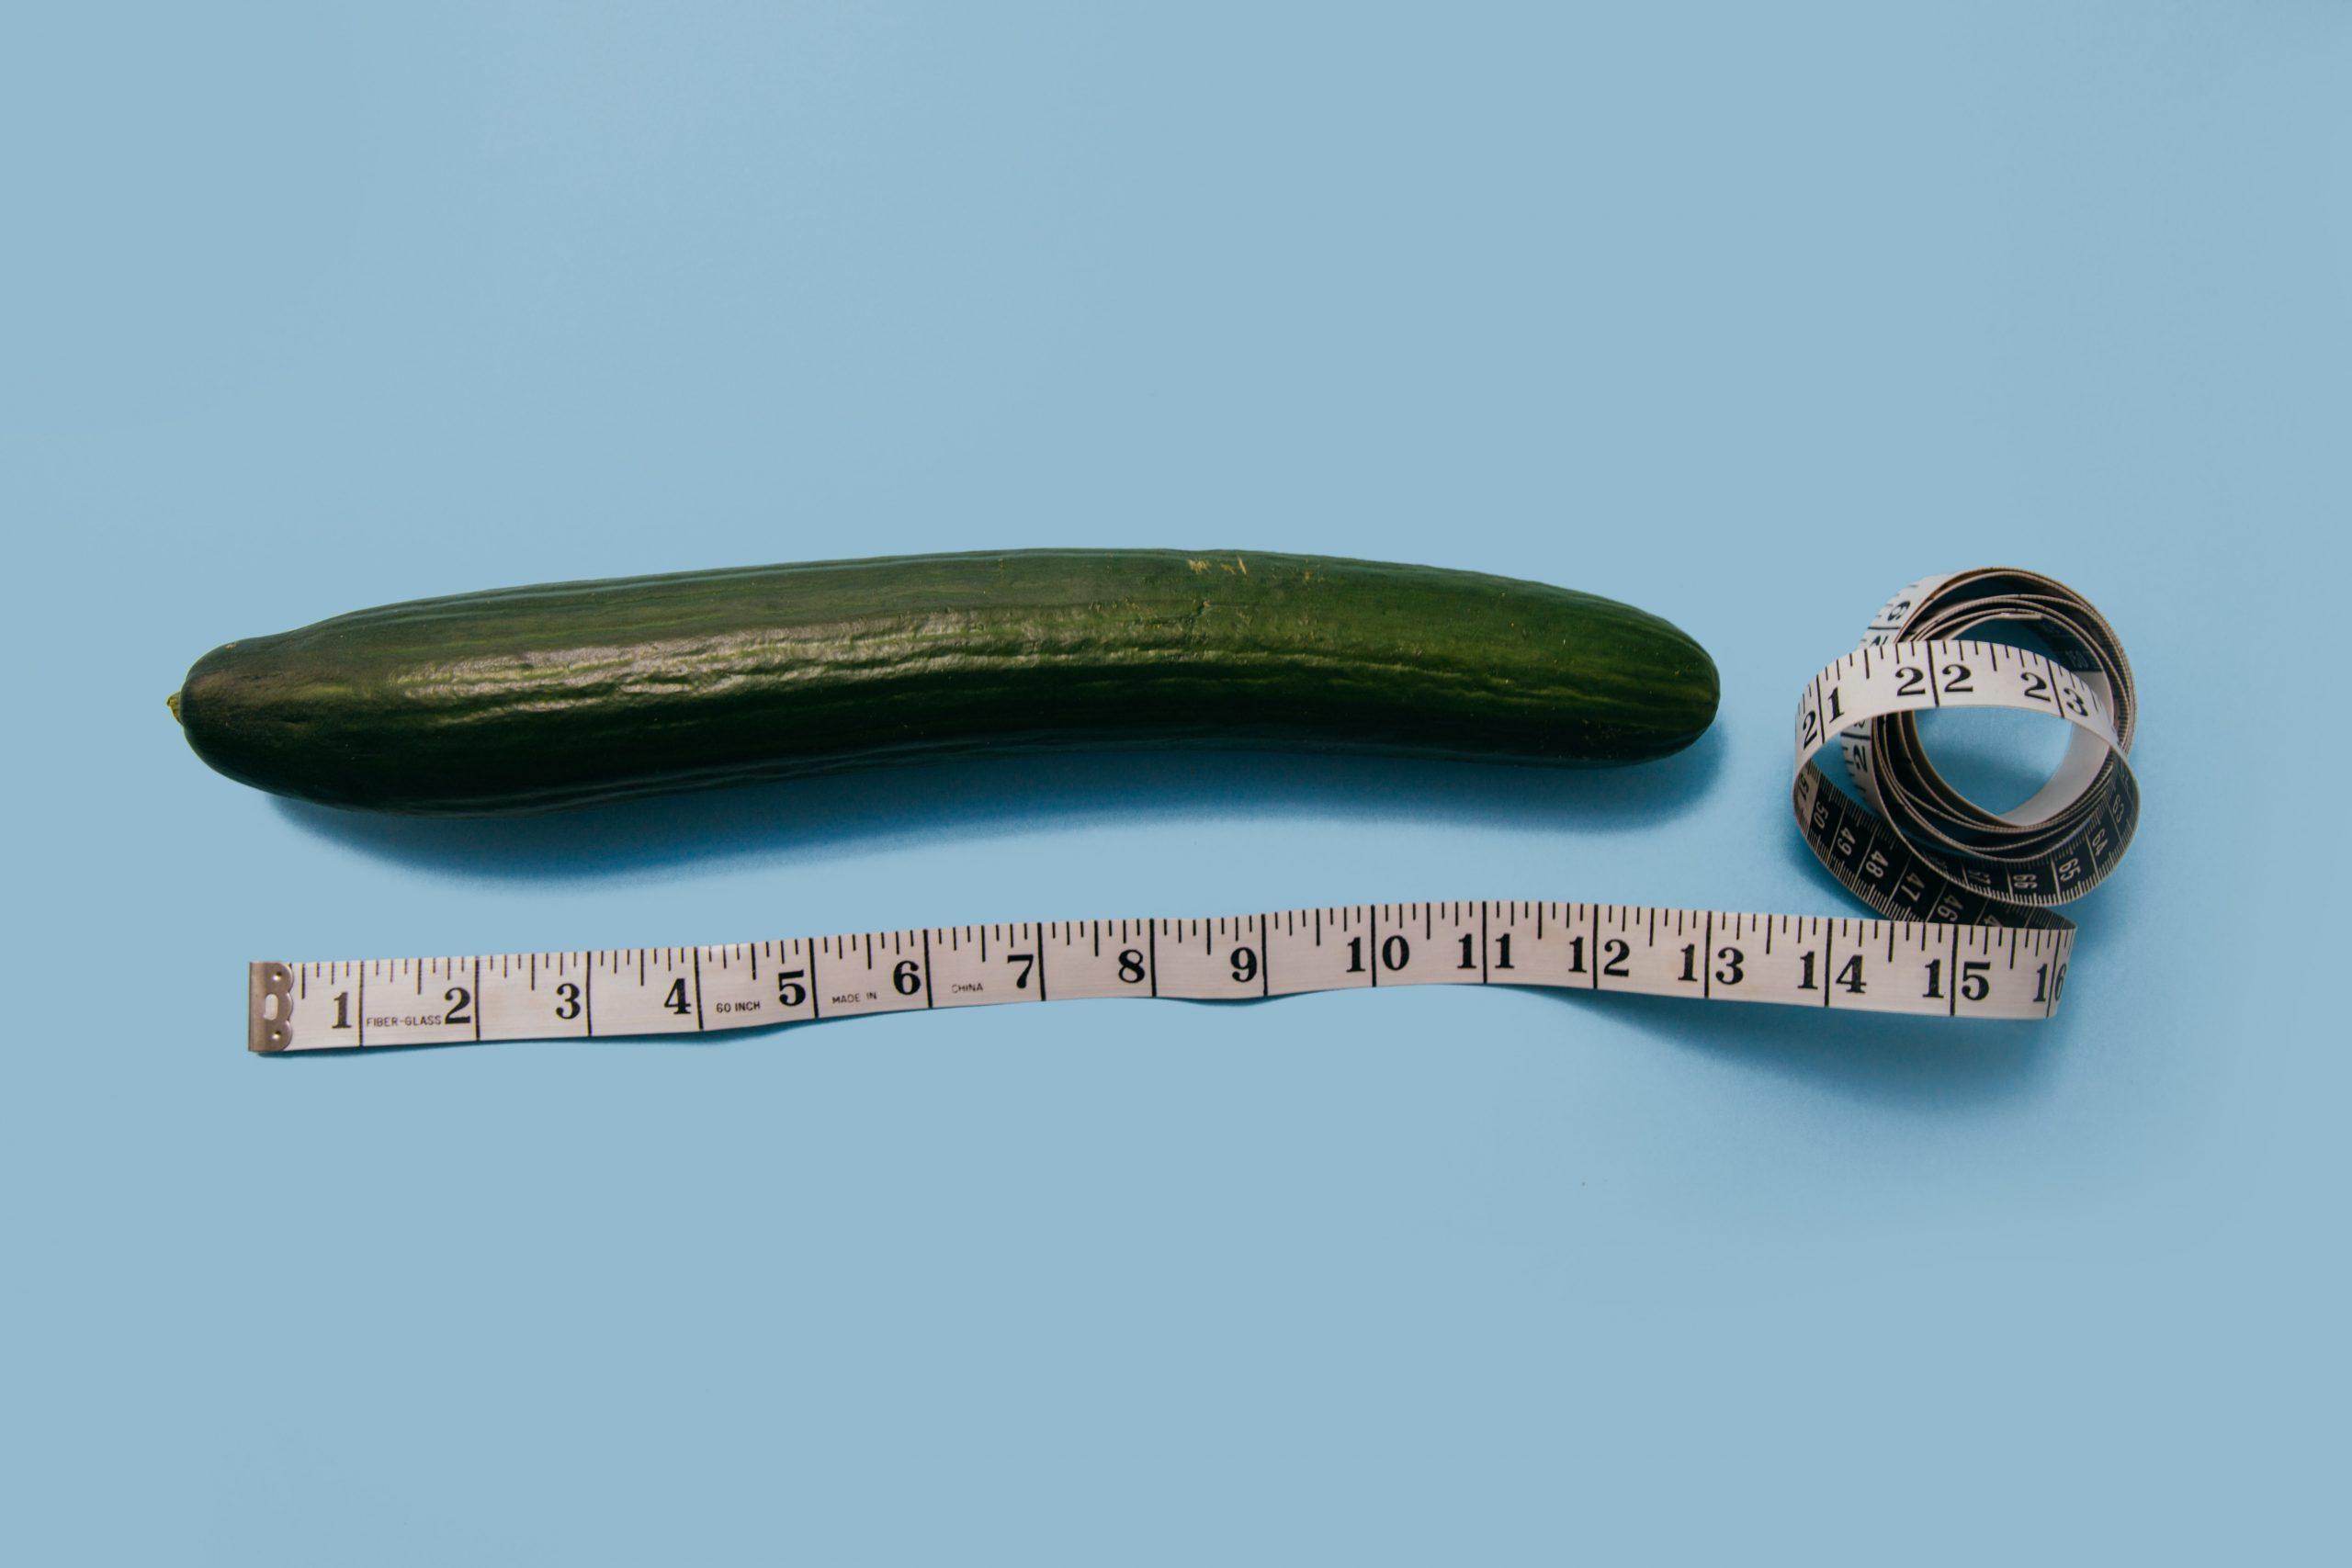 melyik pénisz kövérnek számít hajlíthat-e egy tag egy erekció során